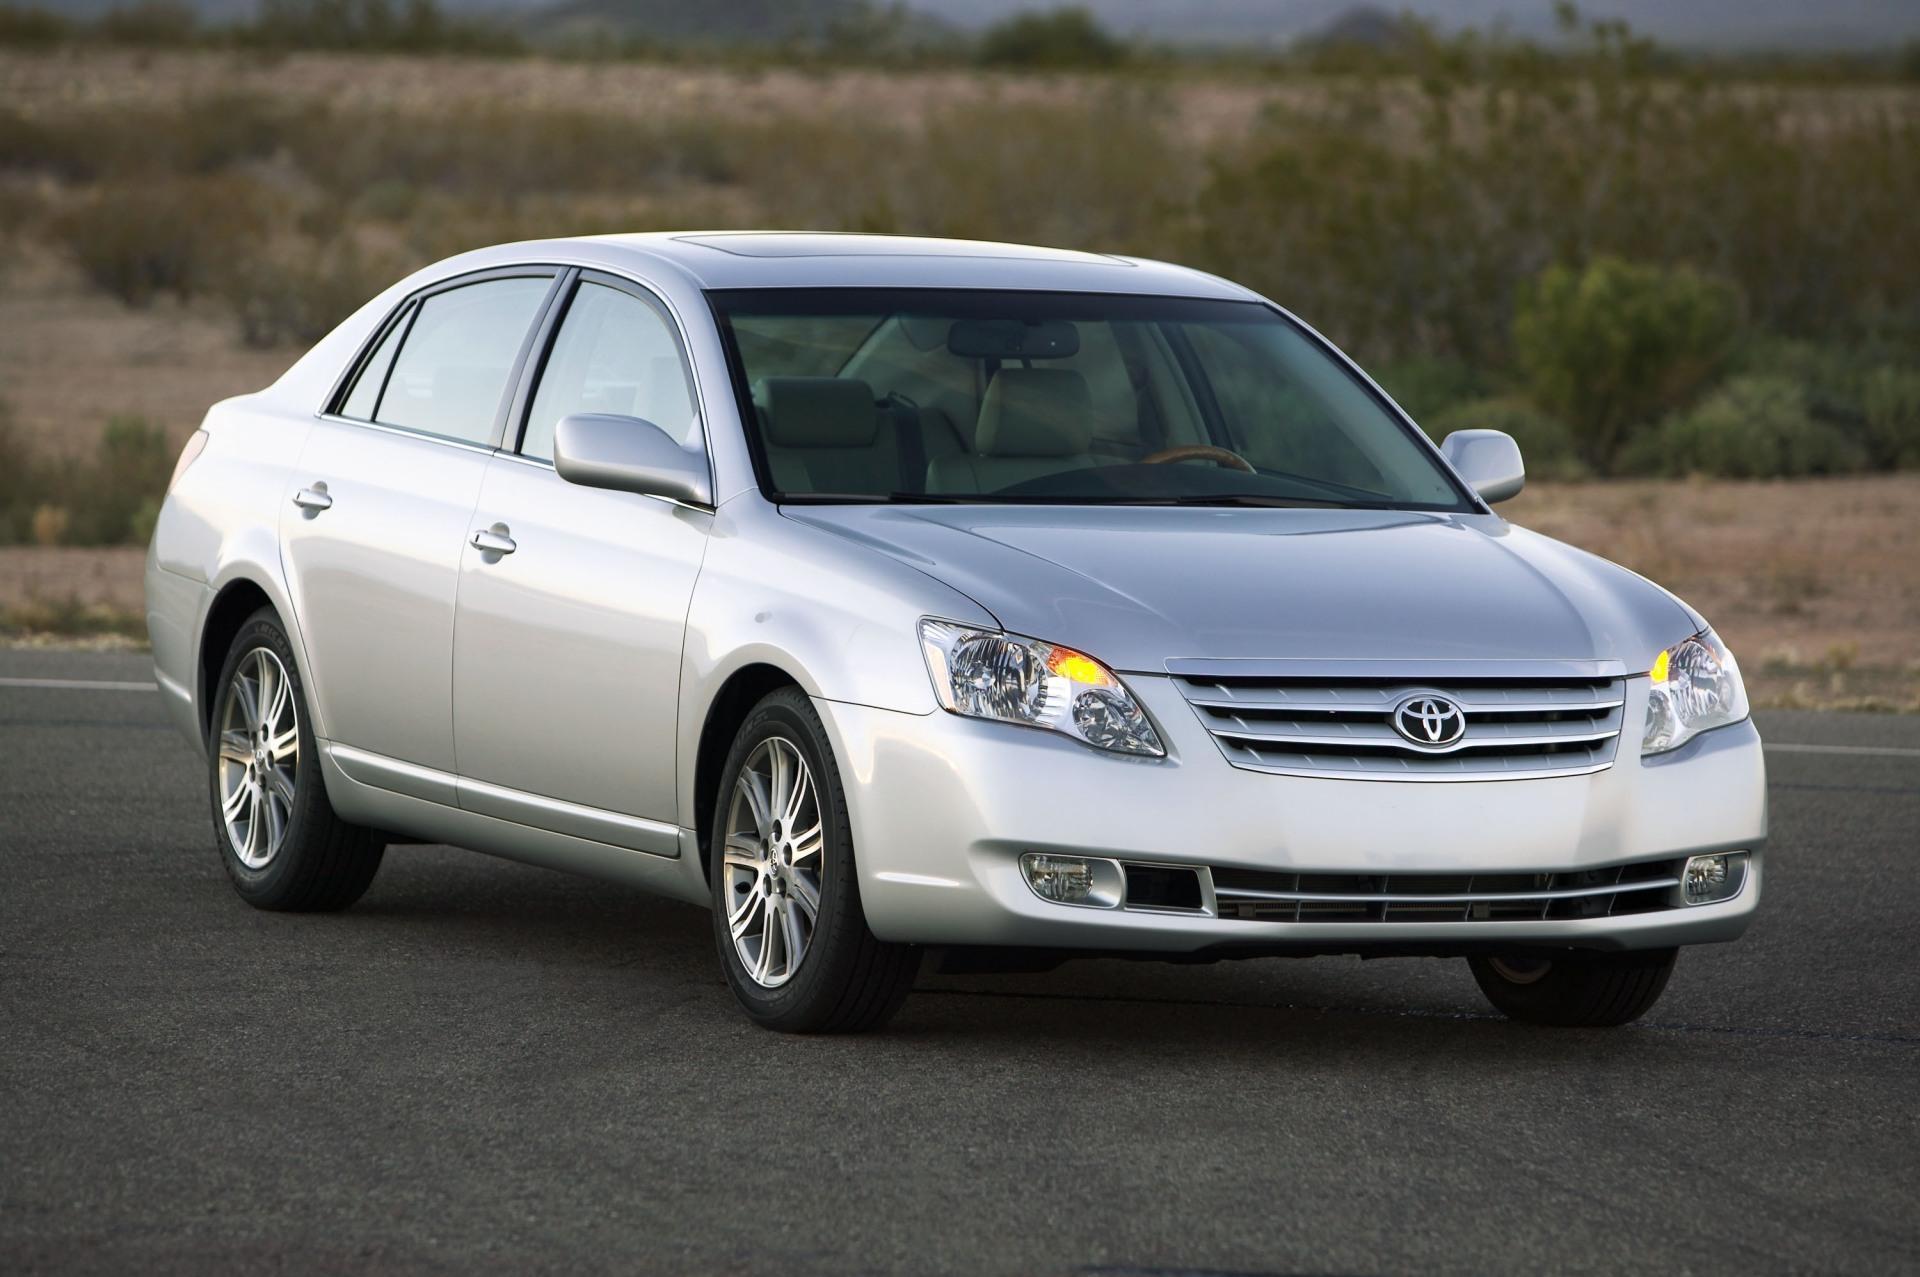 2010 Toyota Avalon Image 16